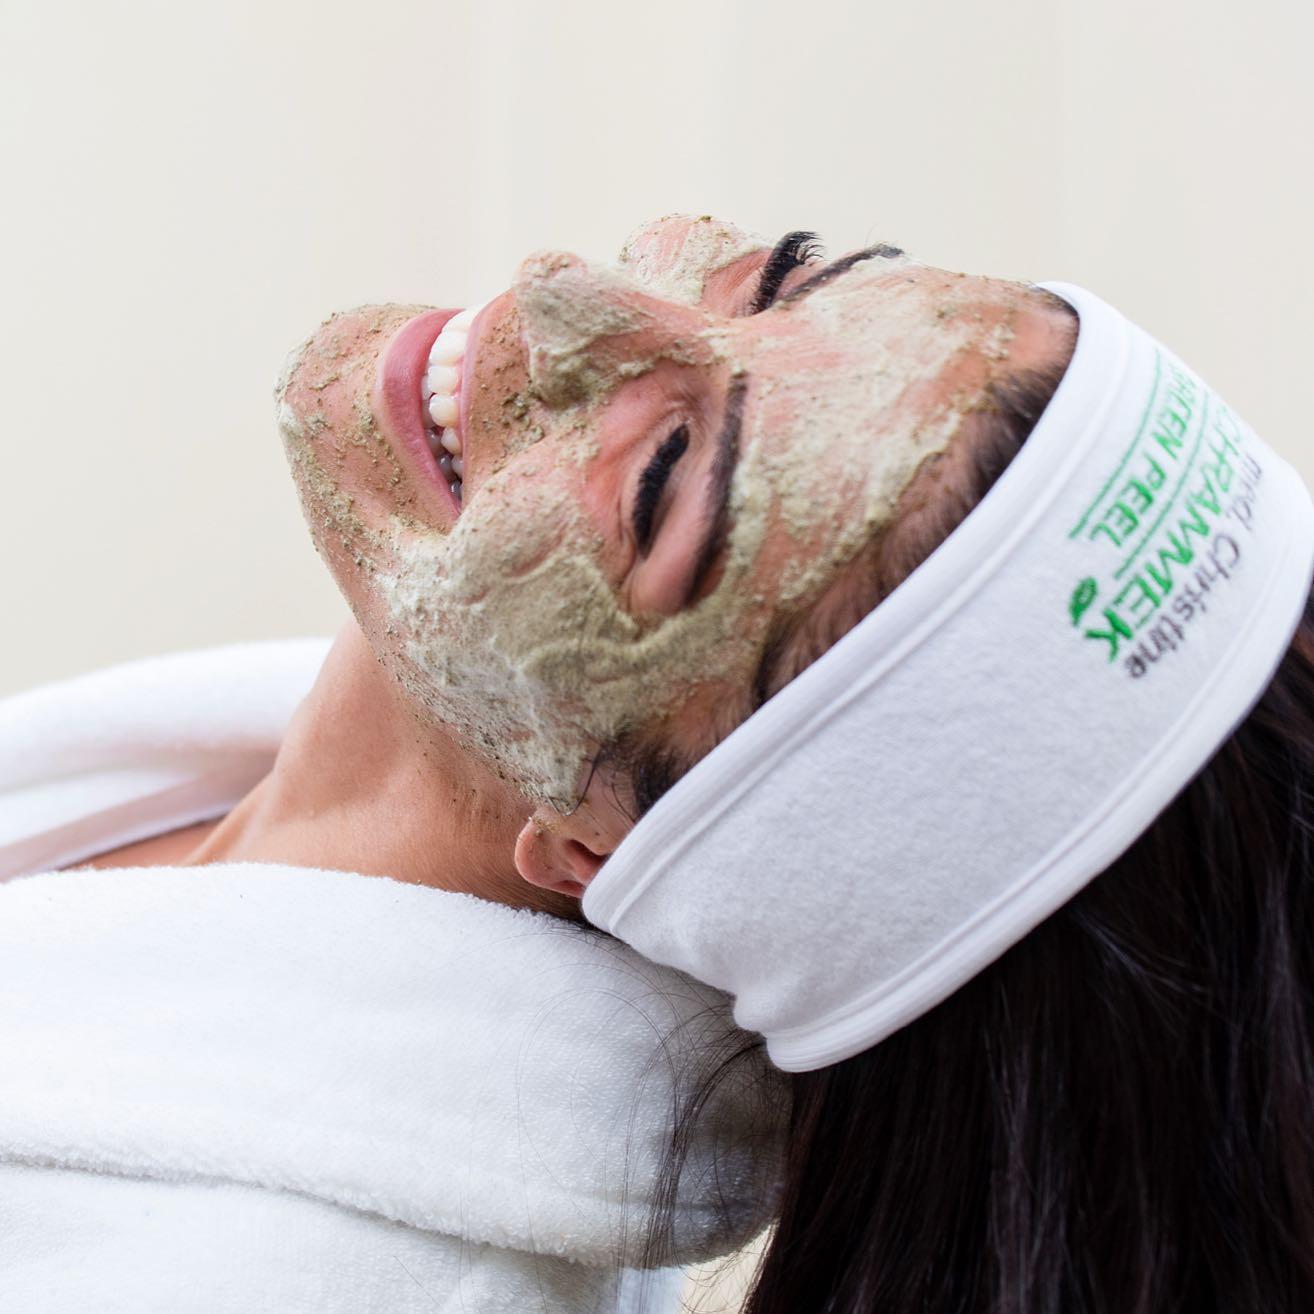 Hipp hipp hurra! Nå er det ikke lenge igjen til Norges store festdag🍾🥂🇳🇴 Ta turen innom din nærmeste Dr. Schrammek klinikk for en herlig Green Peel Fresh Up før 17 mai - Fresh og glødende hud samtidig som huden får en effektiv antirynke🏻